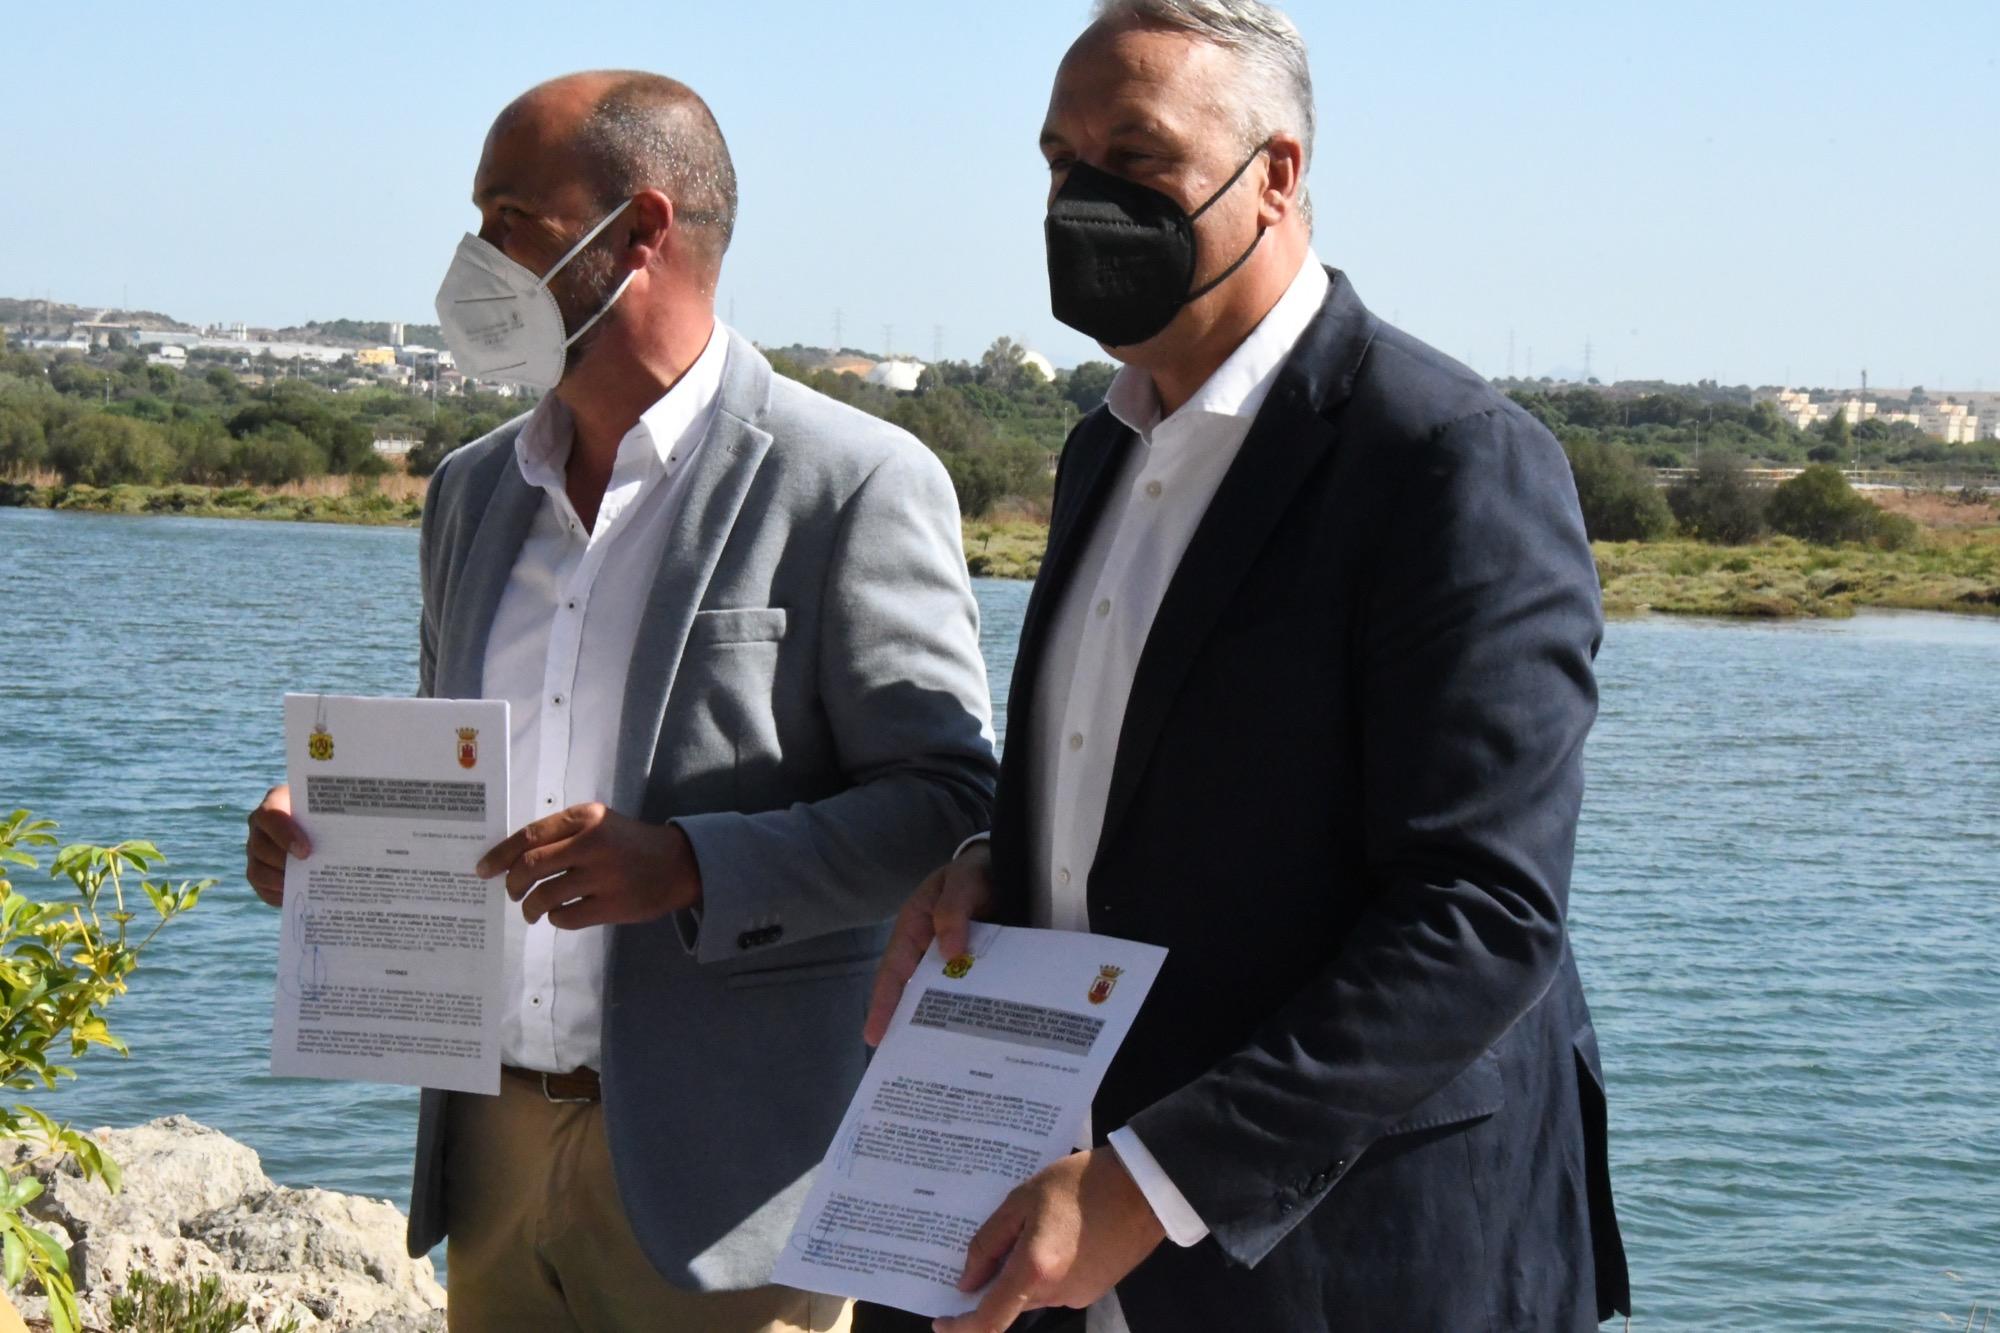 Los alcaldes de San Roque y Los Barrios impulsan el proyecto de ejecución de la conexión viaria entre los Polígonos Industriales de Palmones y Guadarranque